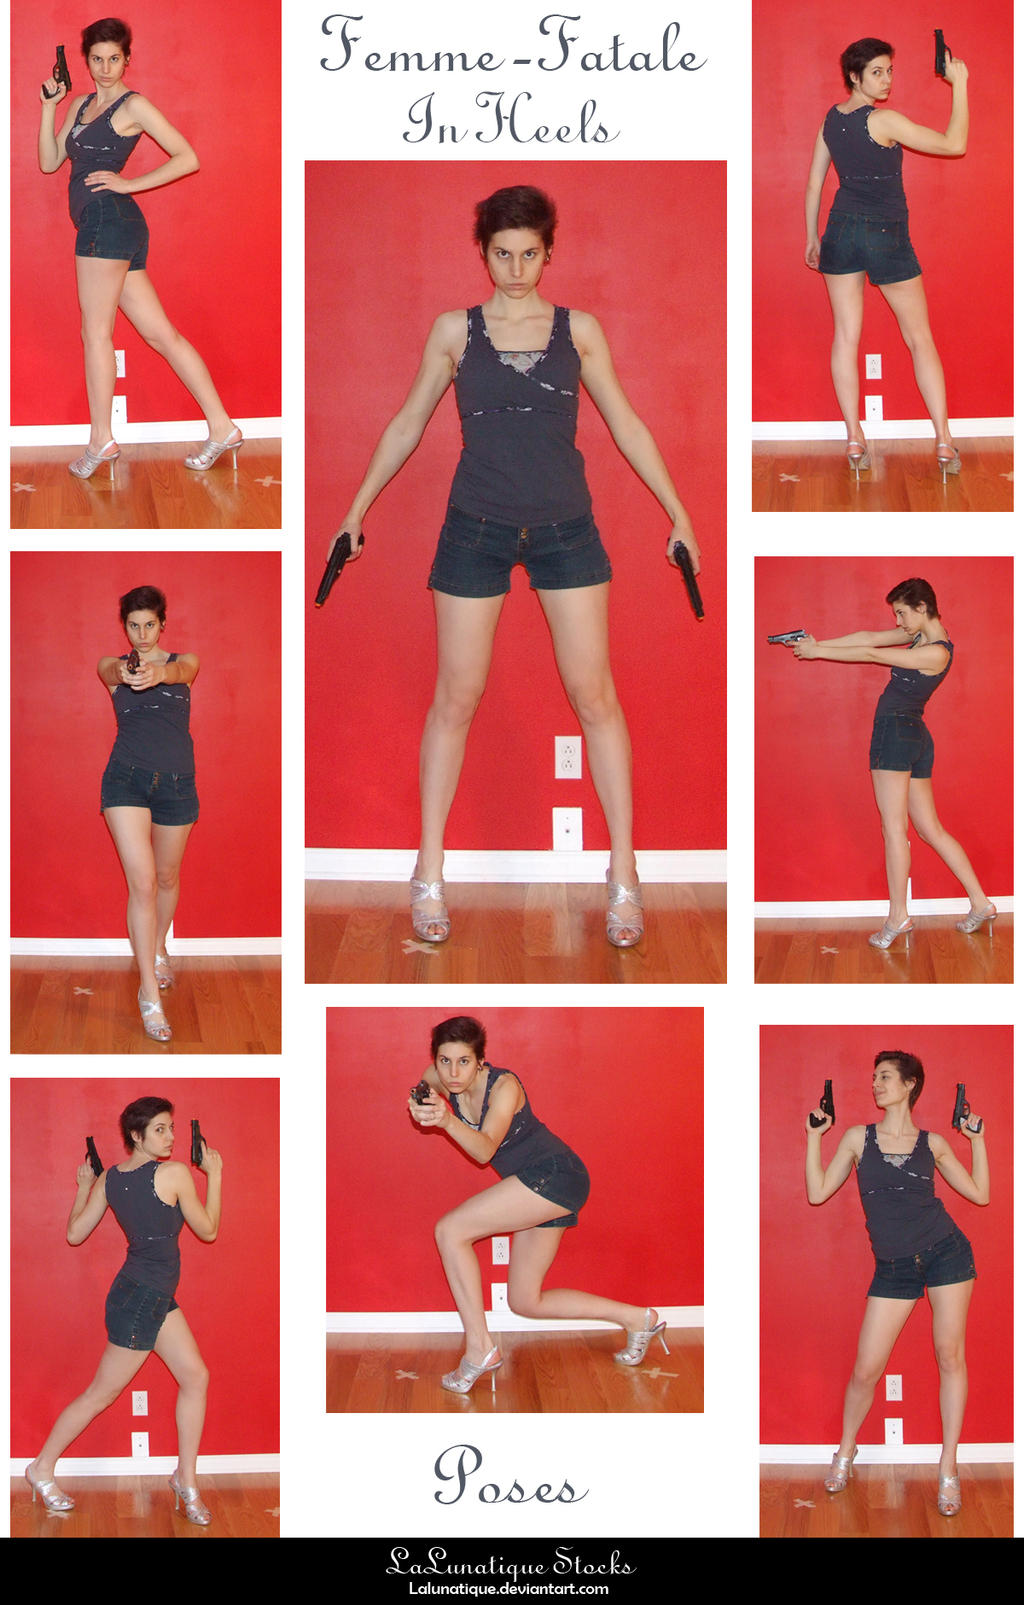 STOCK - Femme-Fatale in heels by LaLunatique